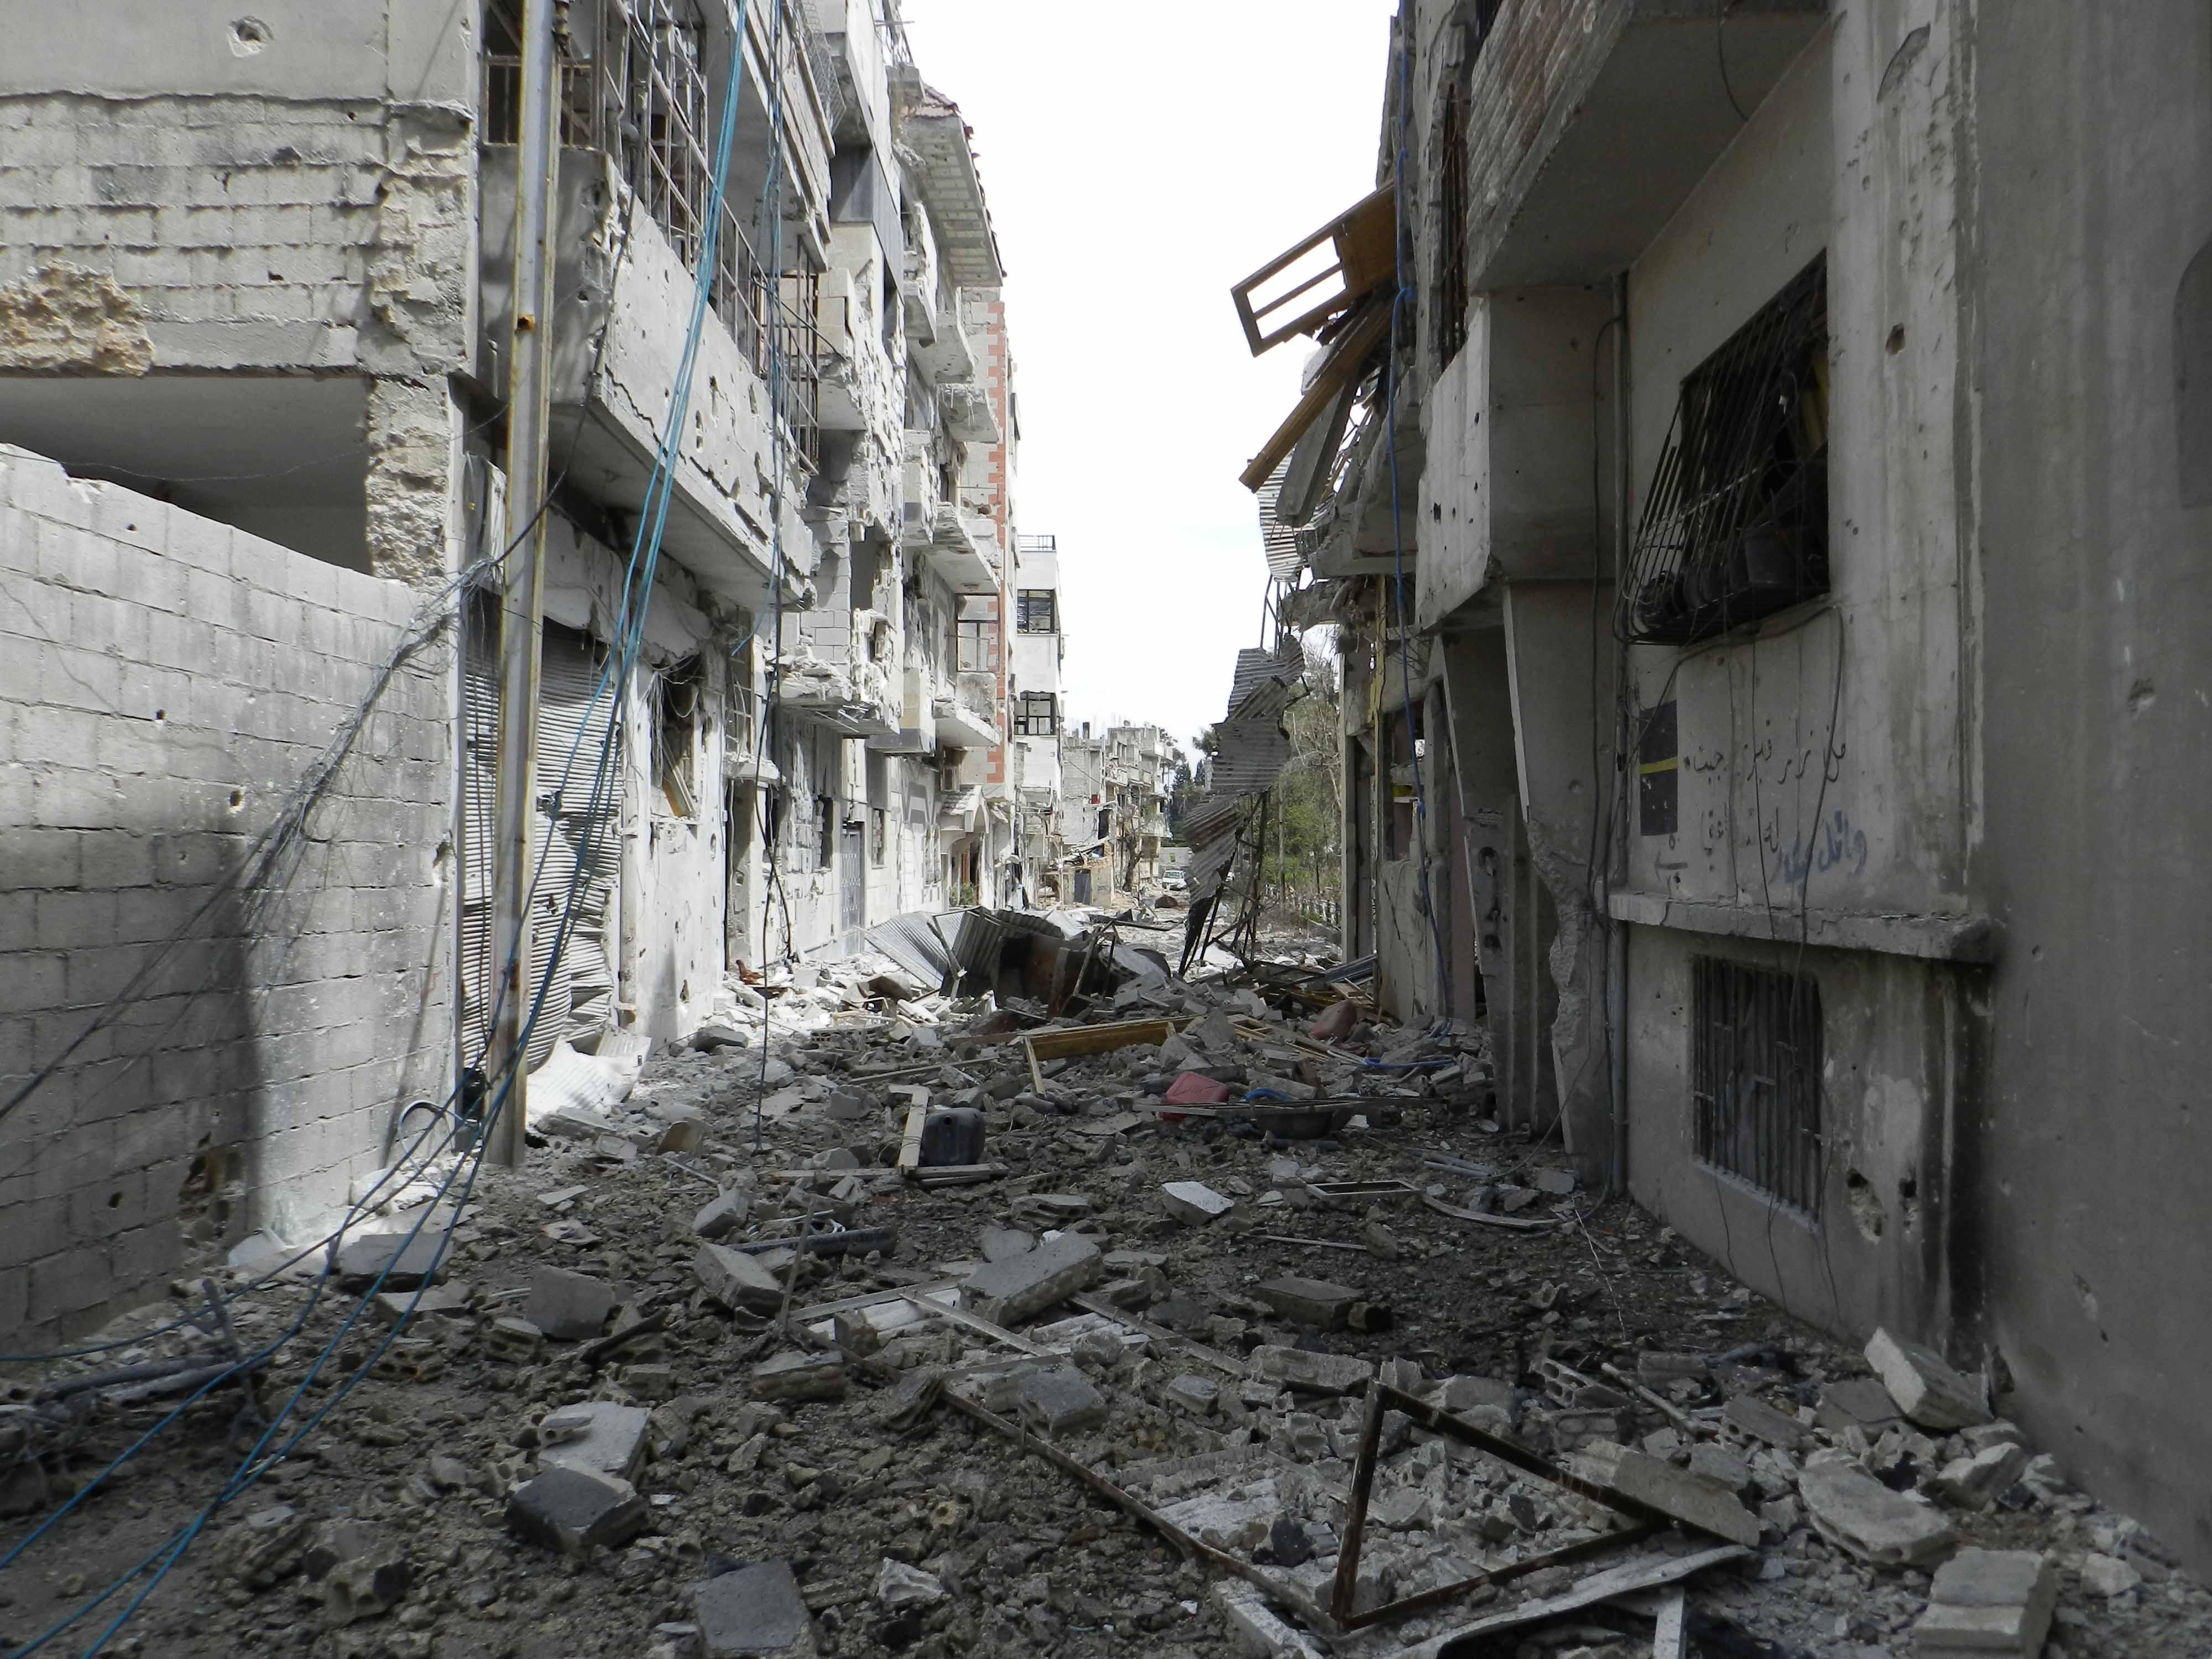 Durch Bürgerkrieg zerstörte Gebäude in Homs (Wikipedia)